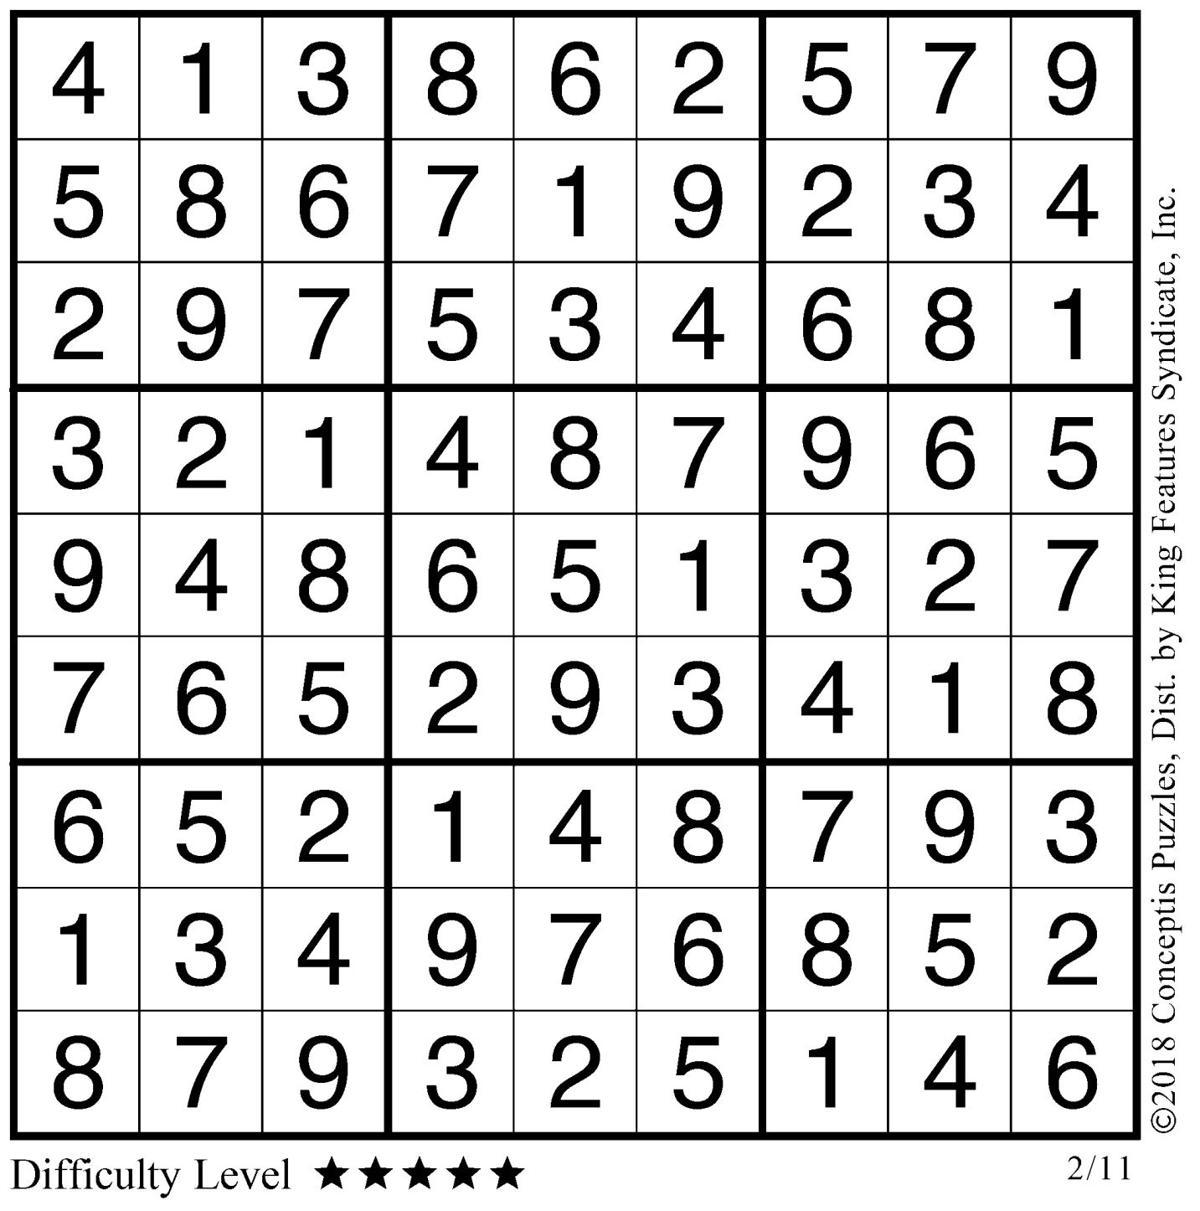 February 12 Sudoku 1